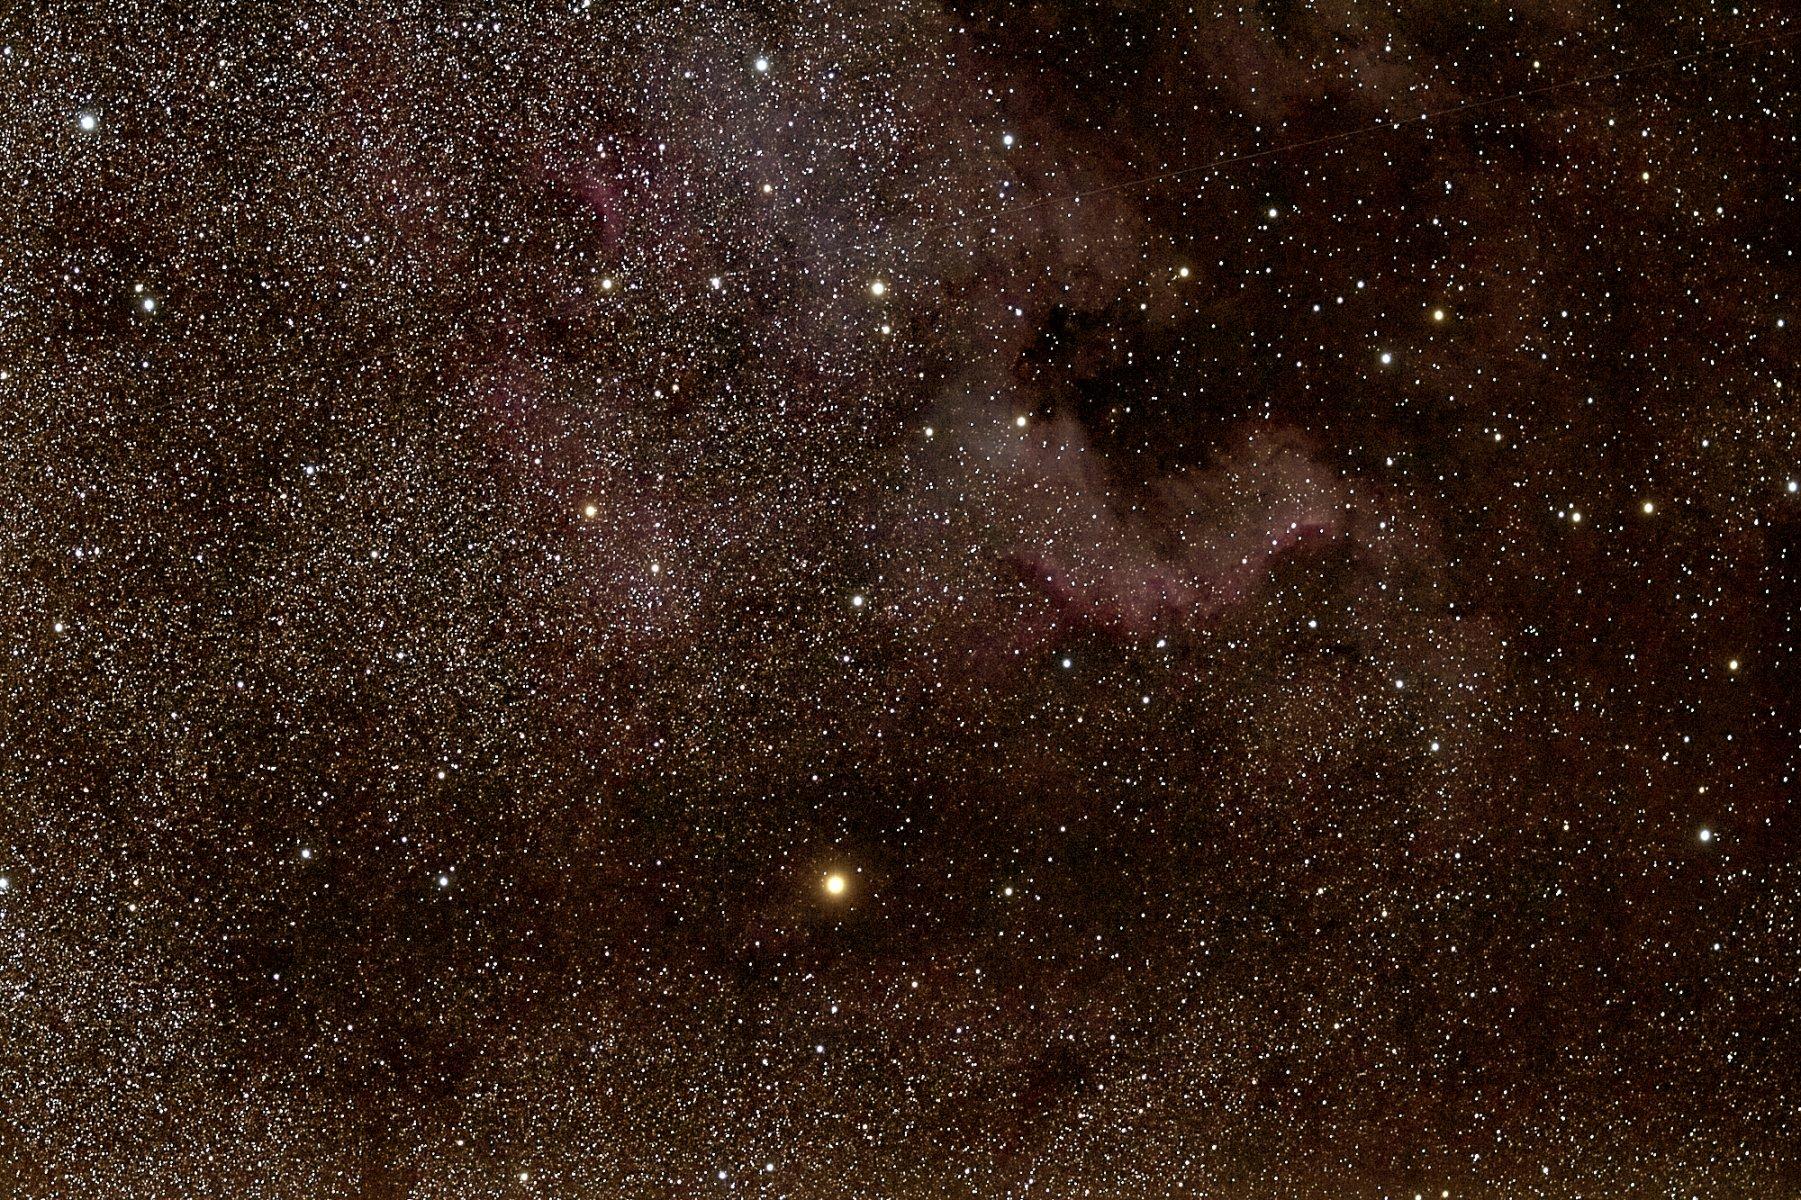 NGC7000-Seq-7-C1-V20.jpg